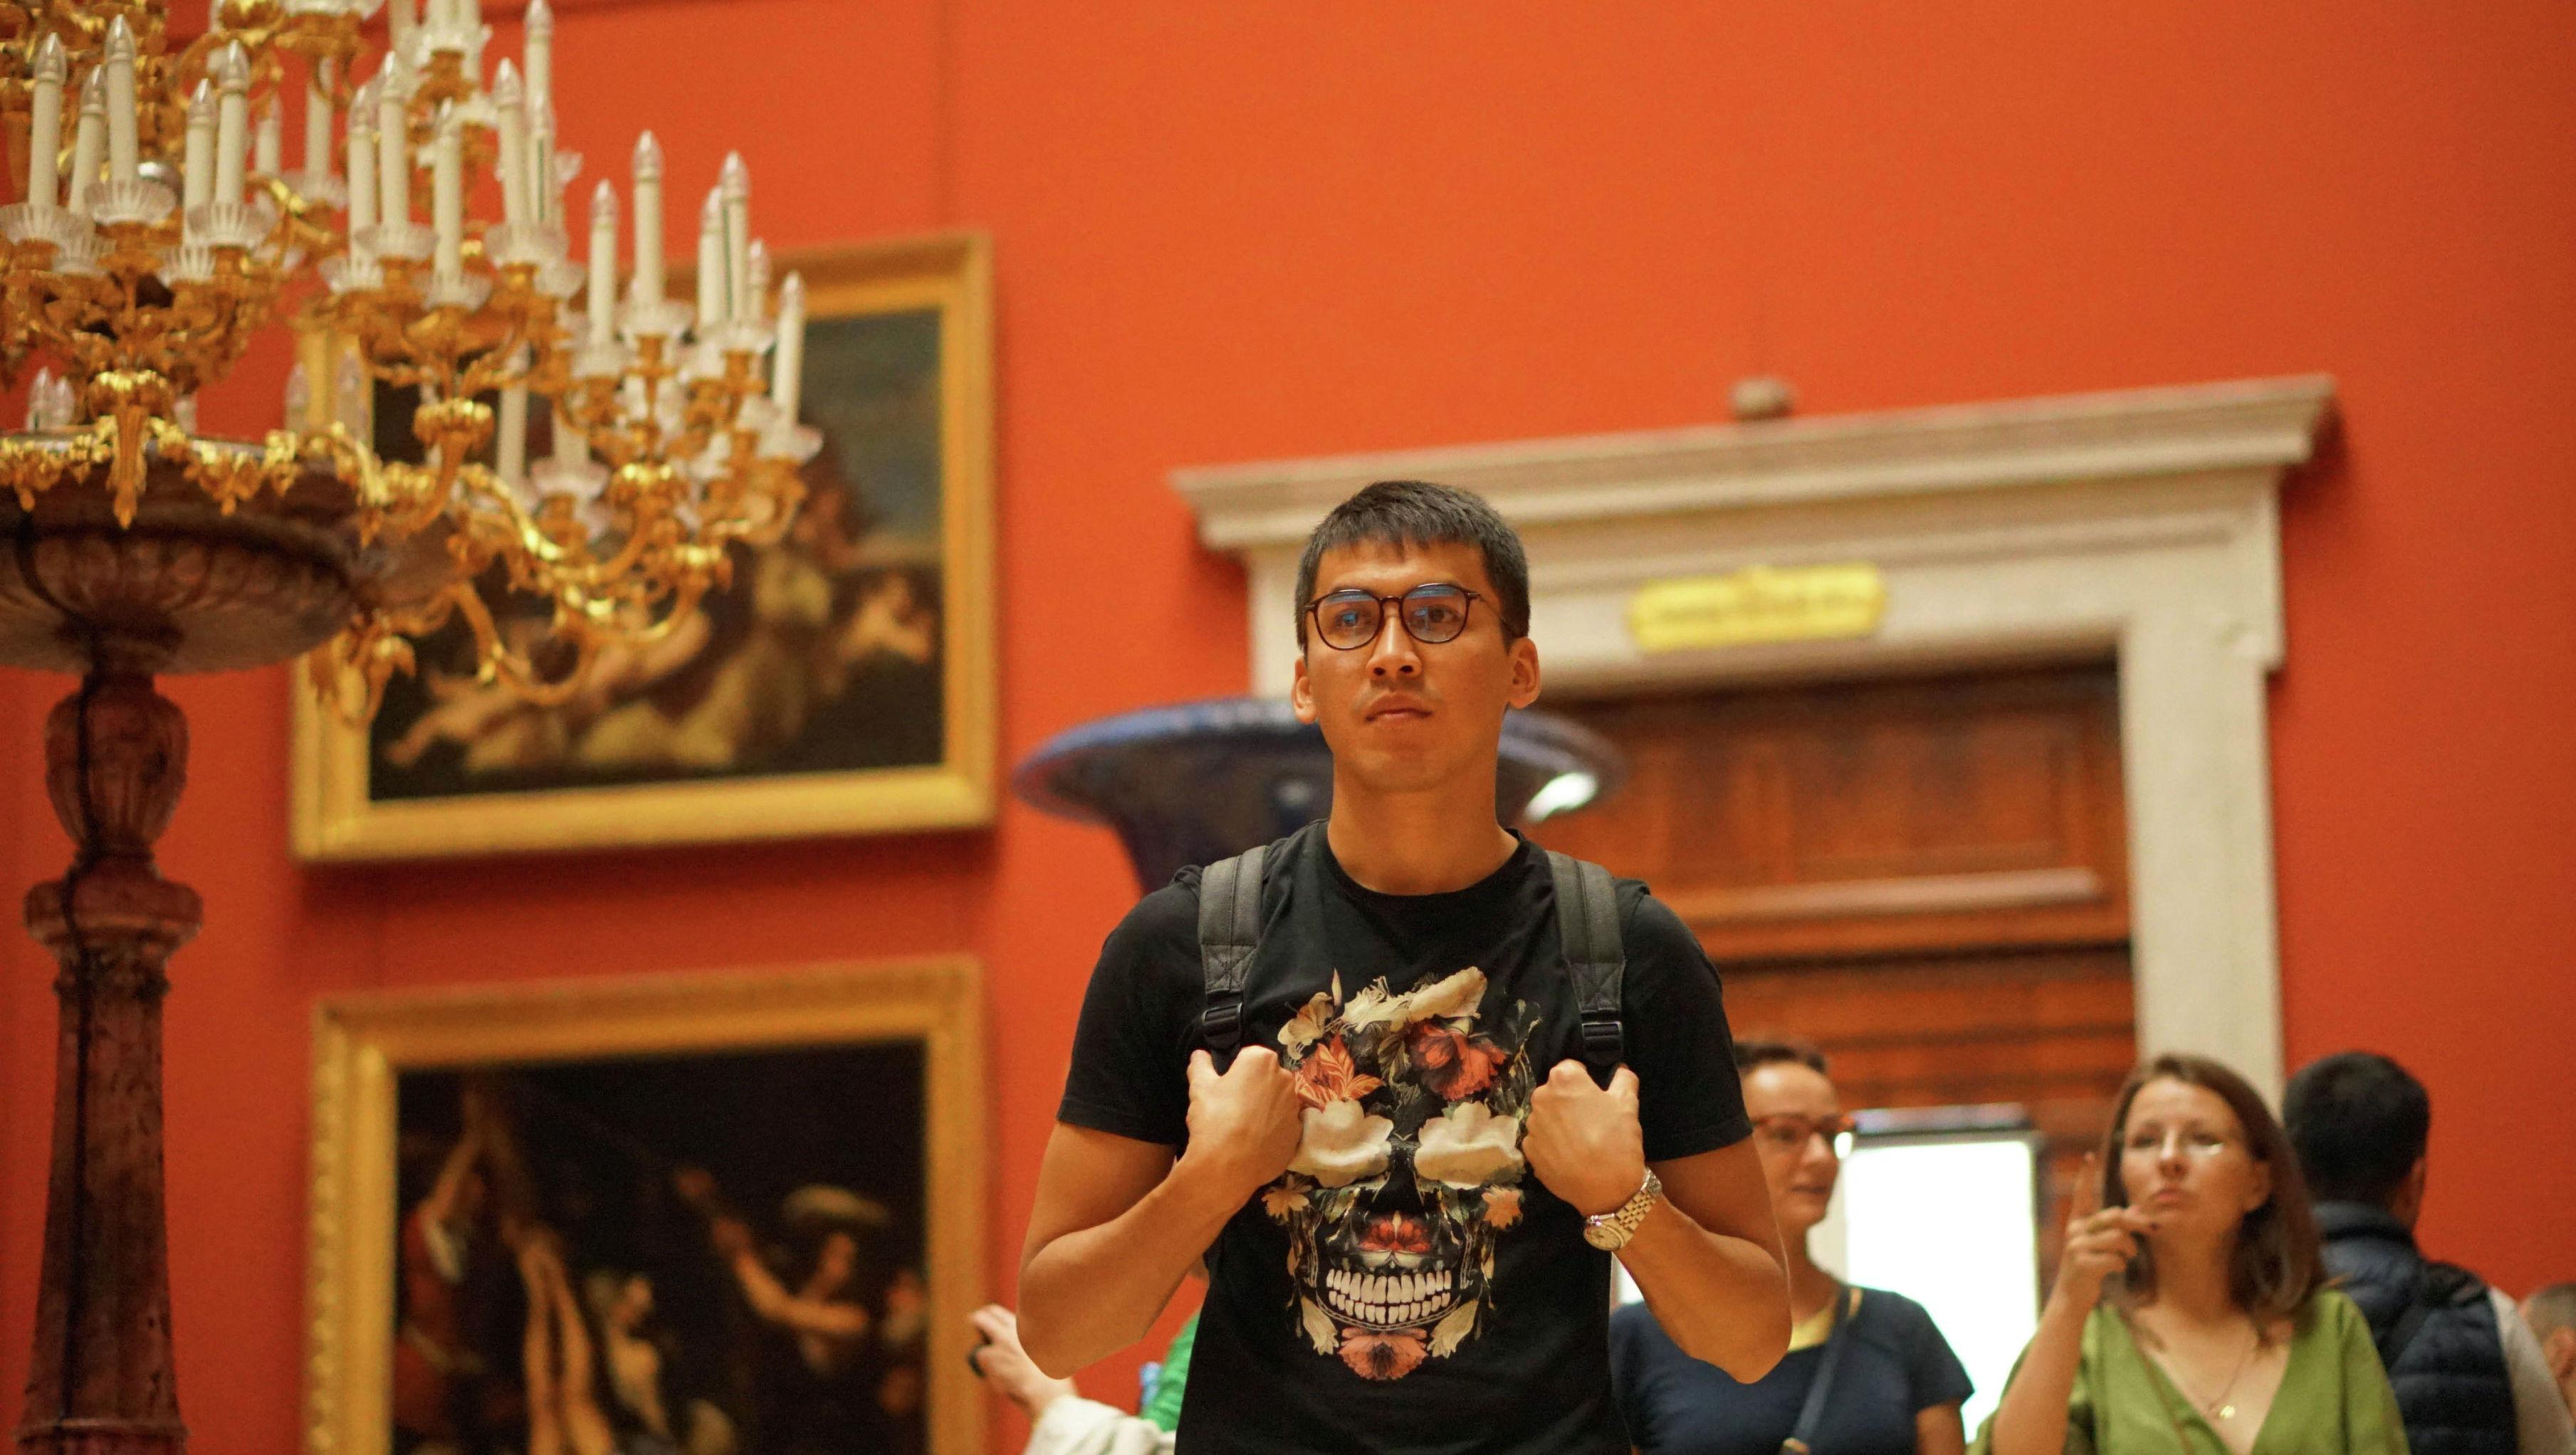 Кыргызстанец Бауржан Токтабеков в музее в Санкт-Петербурге